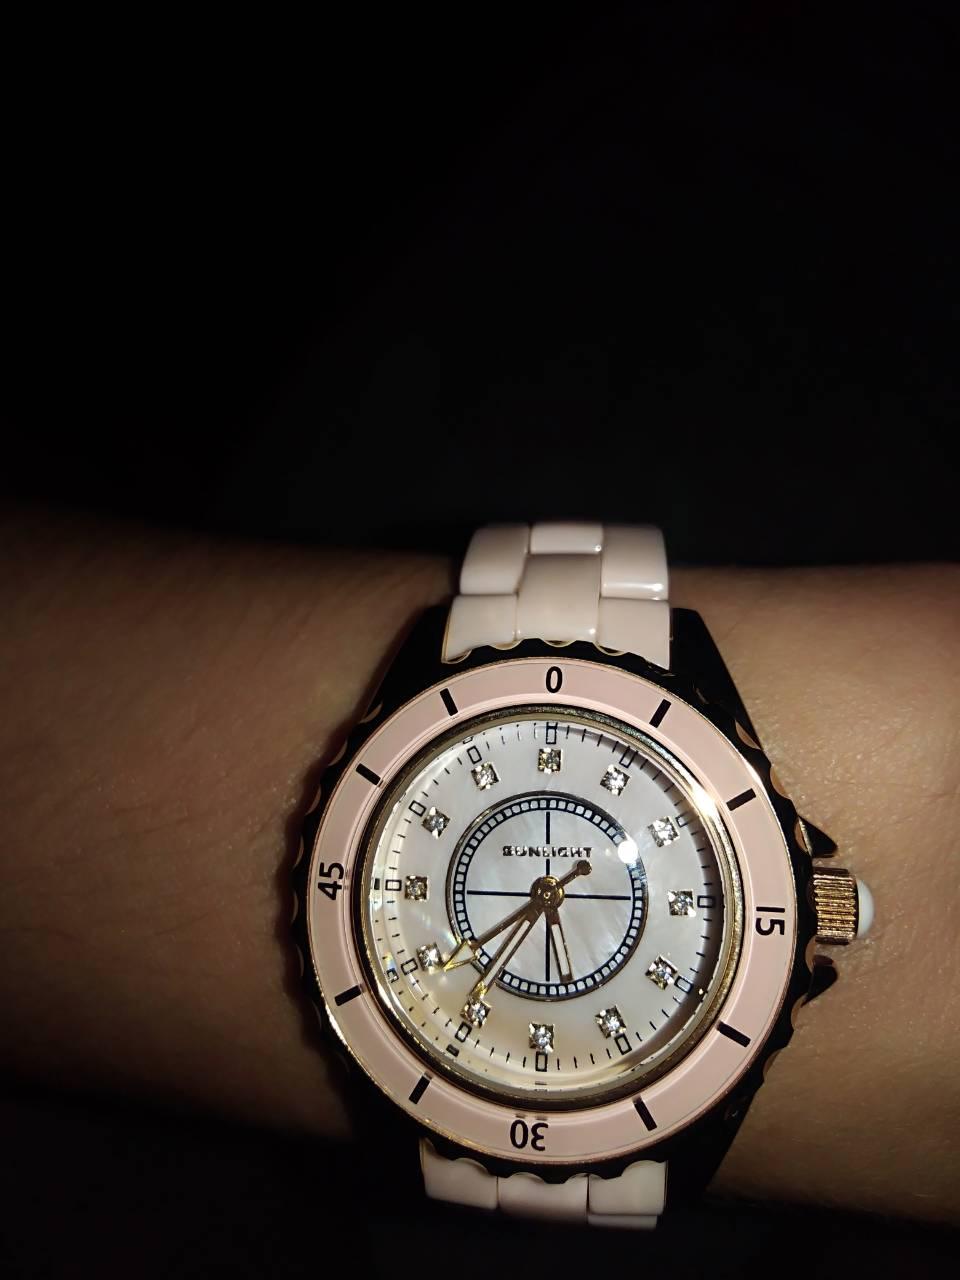 Красивые часы  с керамическим браслетом,с крутящимся элементом циферблата .